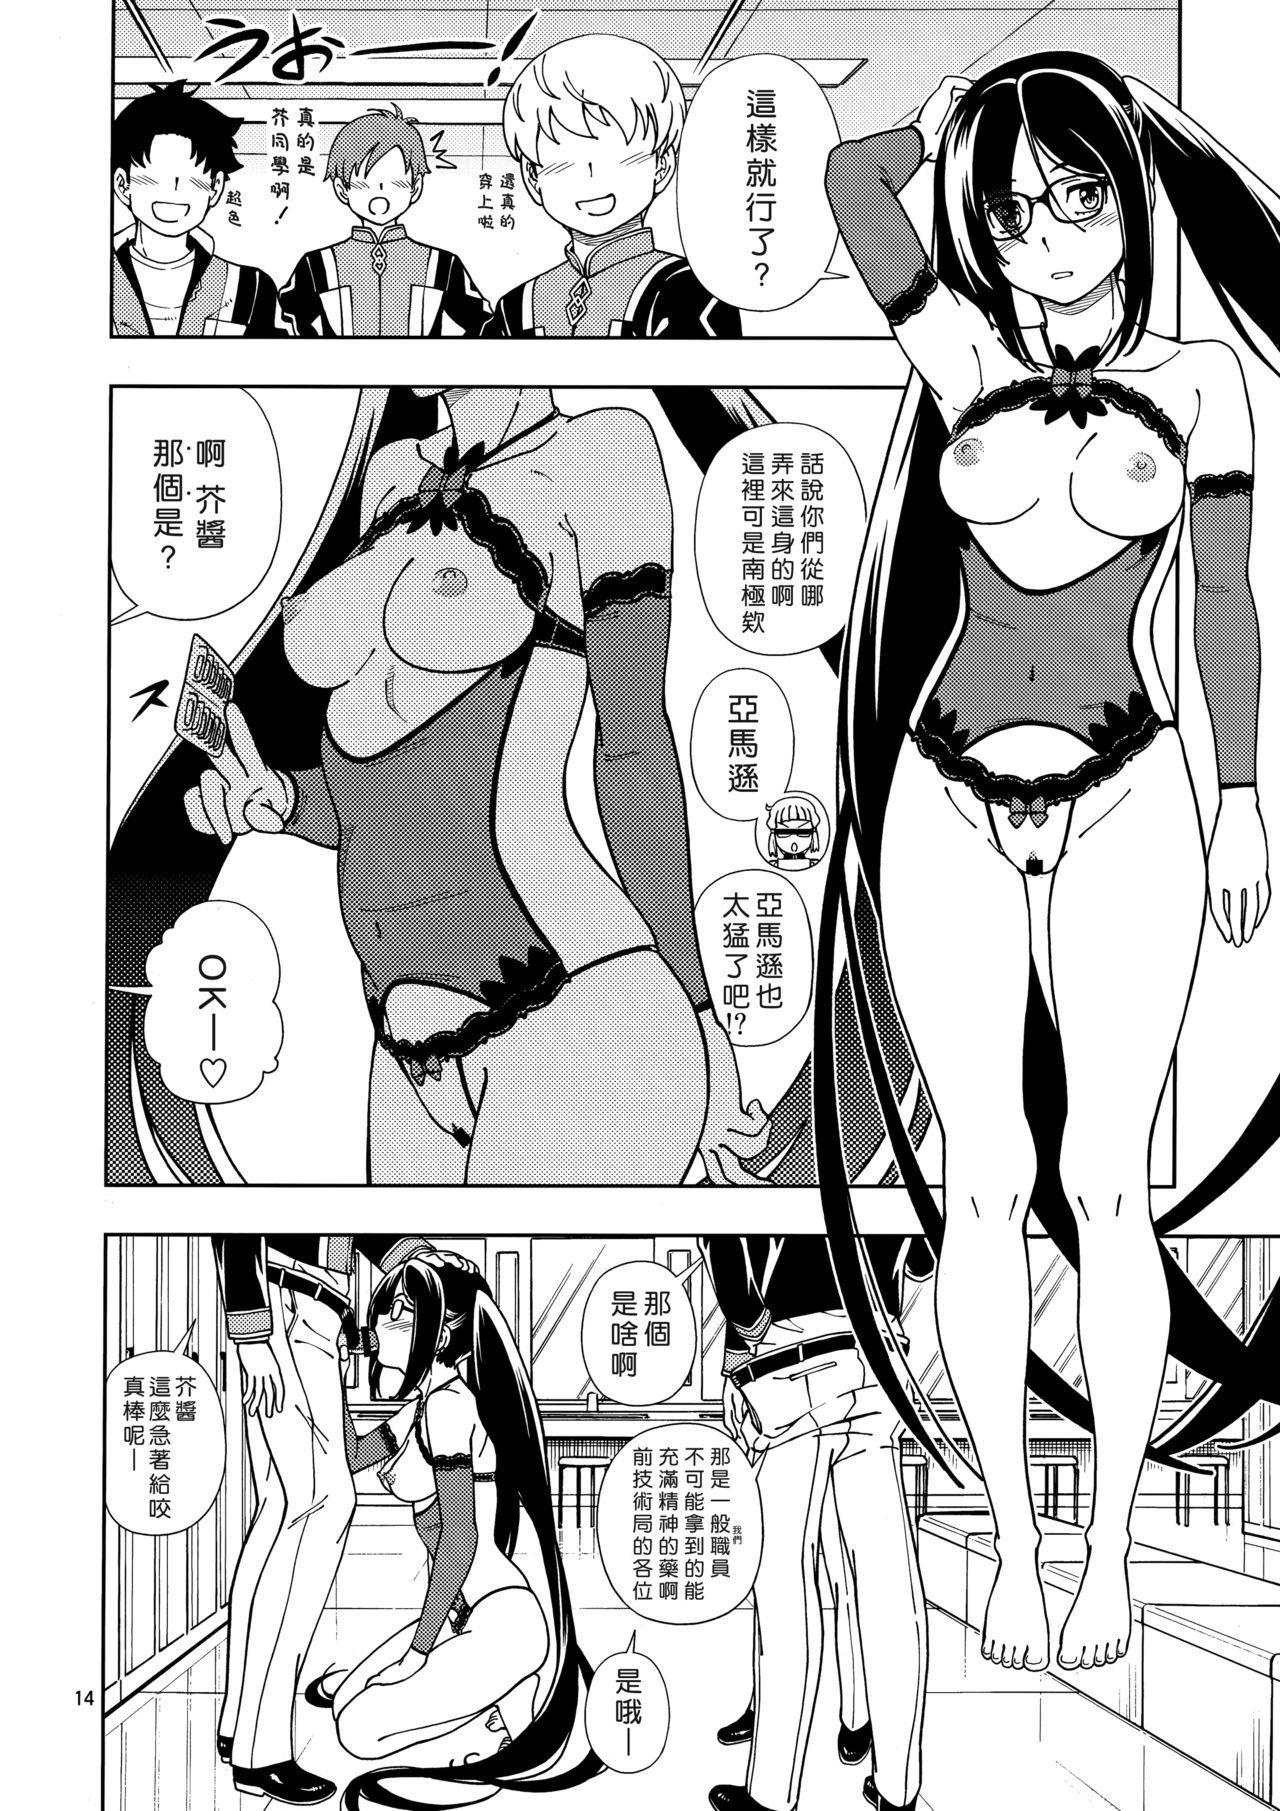 Shoujo Lostbelt 13